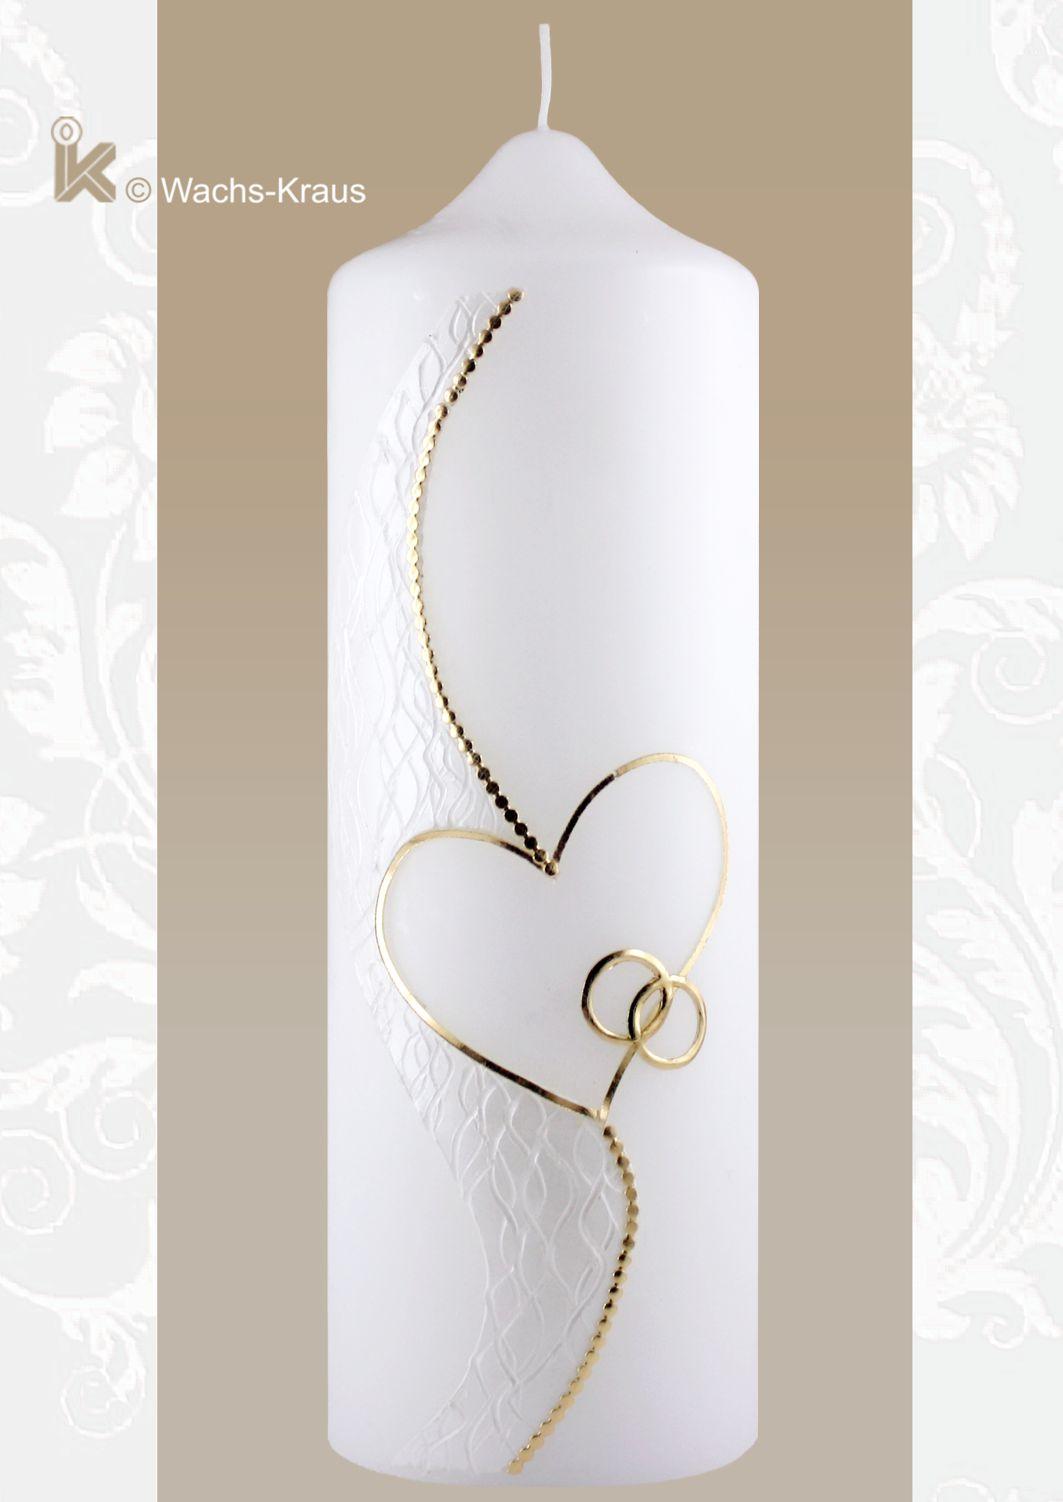 Traum-Hochzeitskerze Silhouette gold